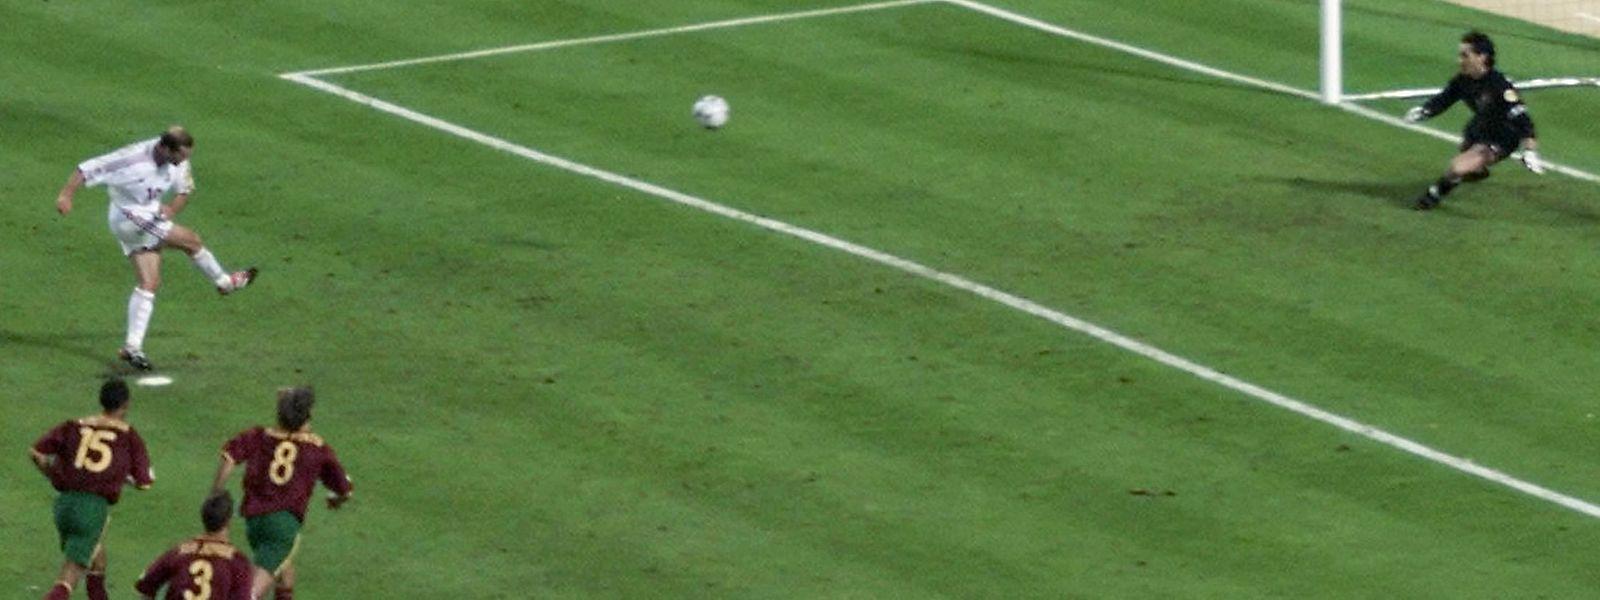 Penálti de Zidane após a mão de Abel Xavier no jogo com os gauleses no Euro2000.